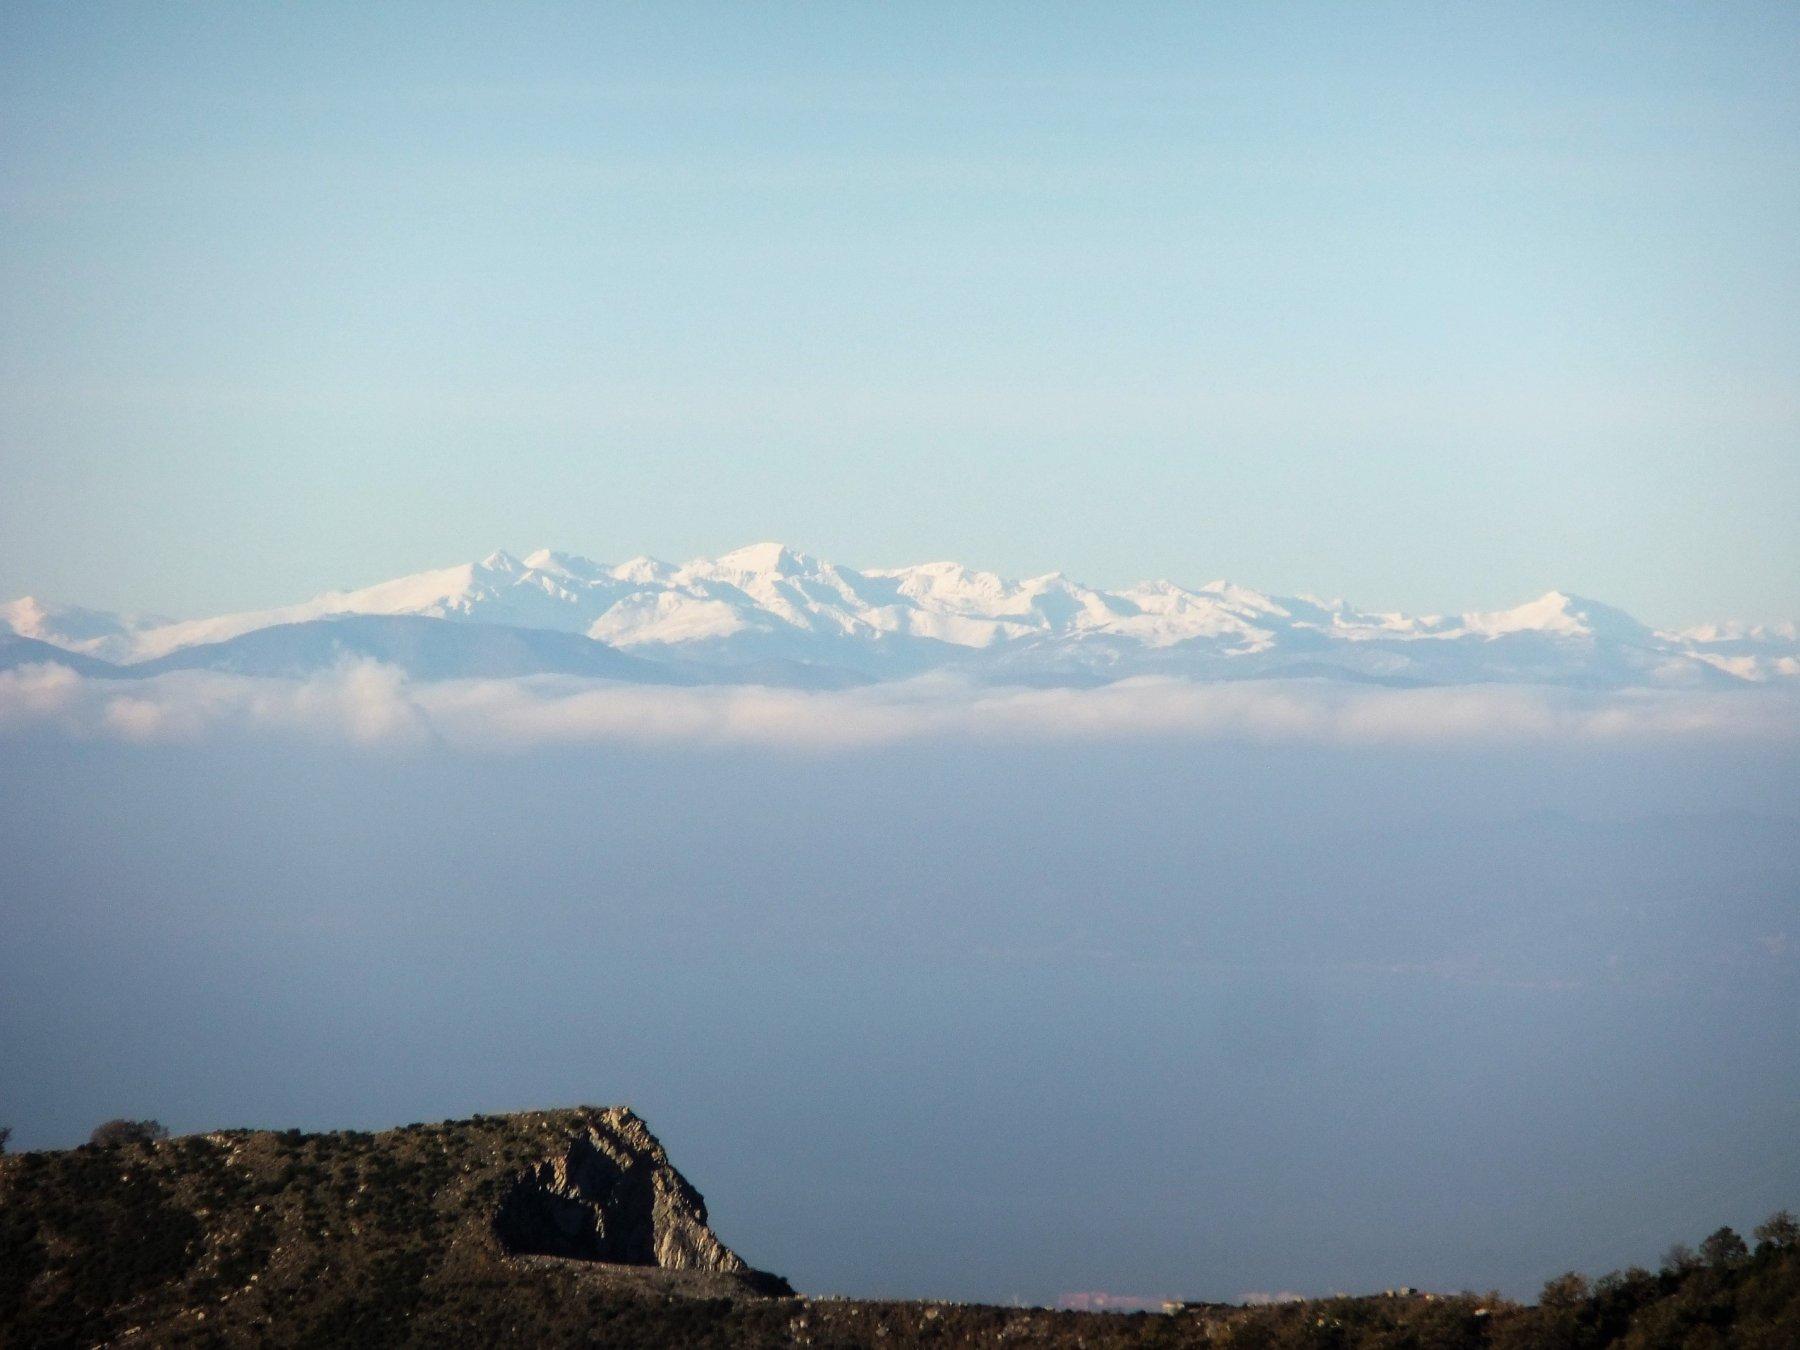 Appaiono le lontane Alpi Liguri